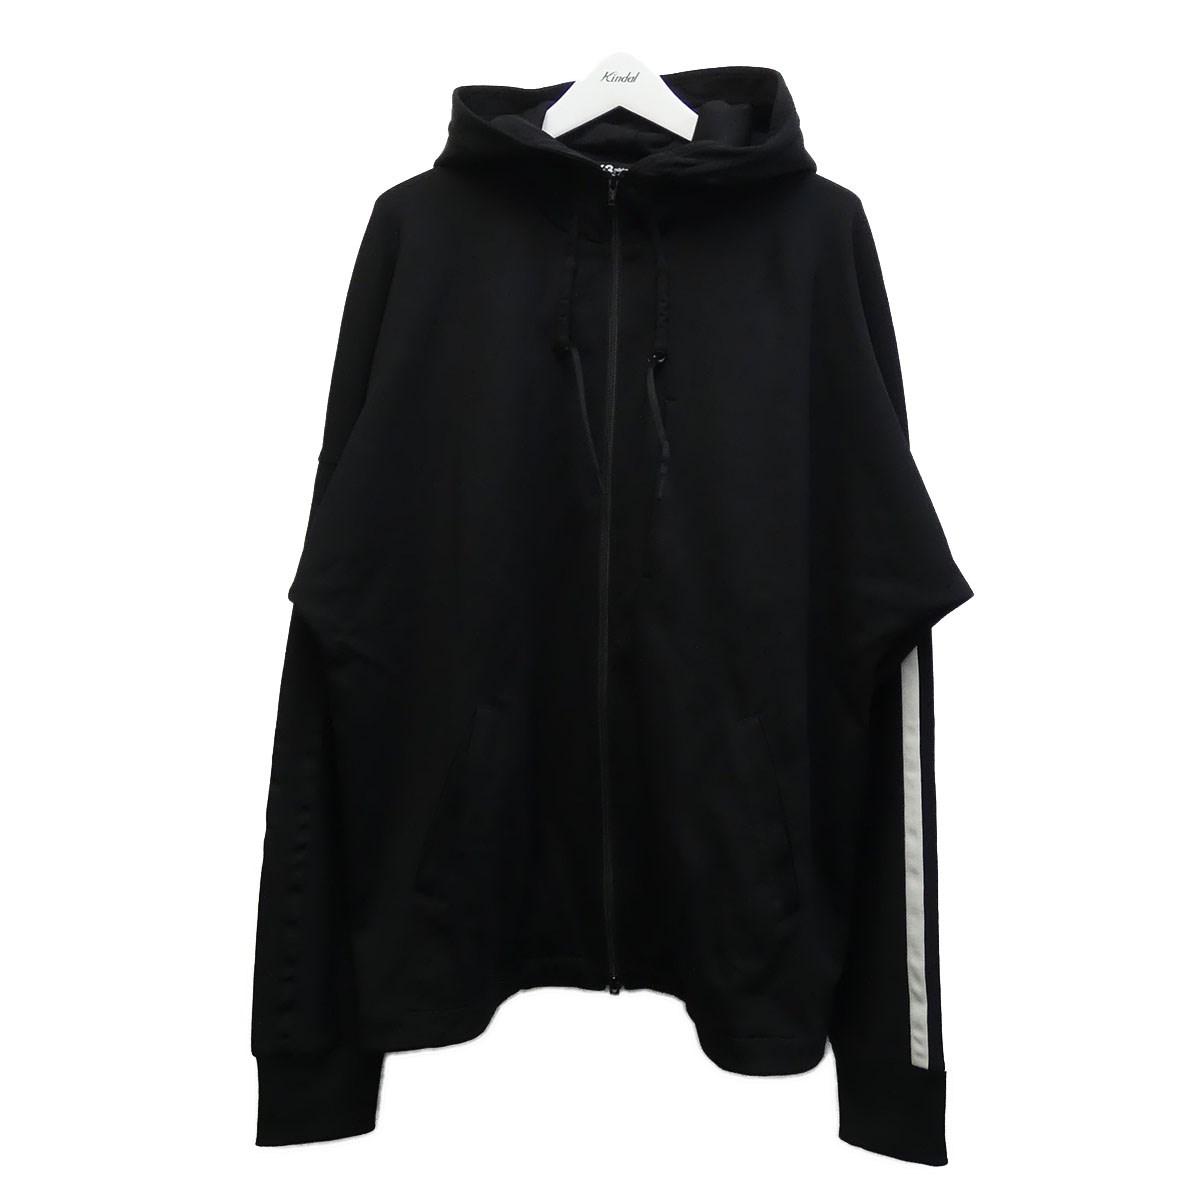 【税込】 【】Y-3 「3-STRIPES HOODIE」袖ラインジップアップパーカー ブラック サイズ:XL 【200620】(ワイスリー), キャンペーン365 d2882b2e